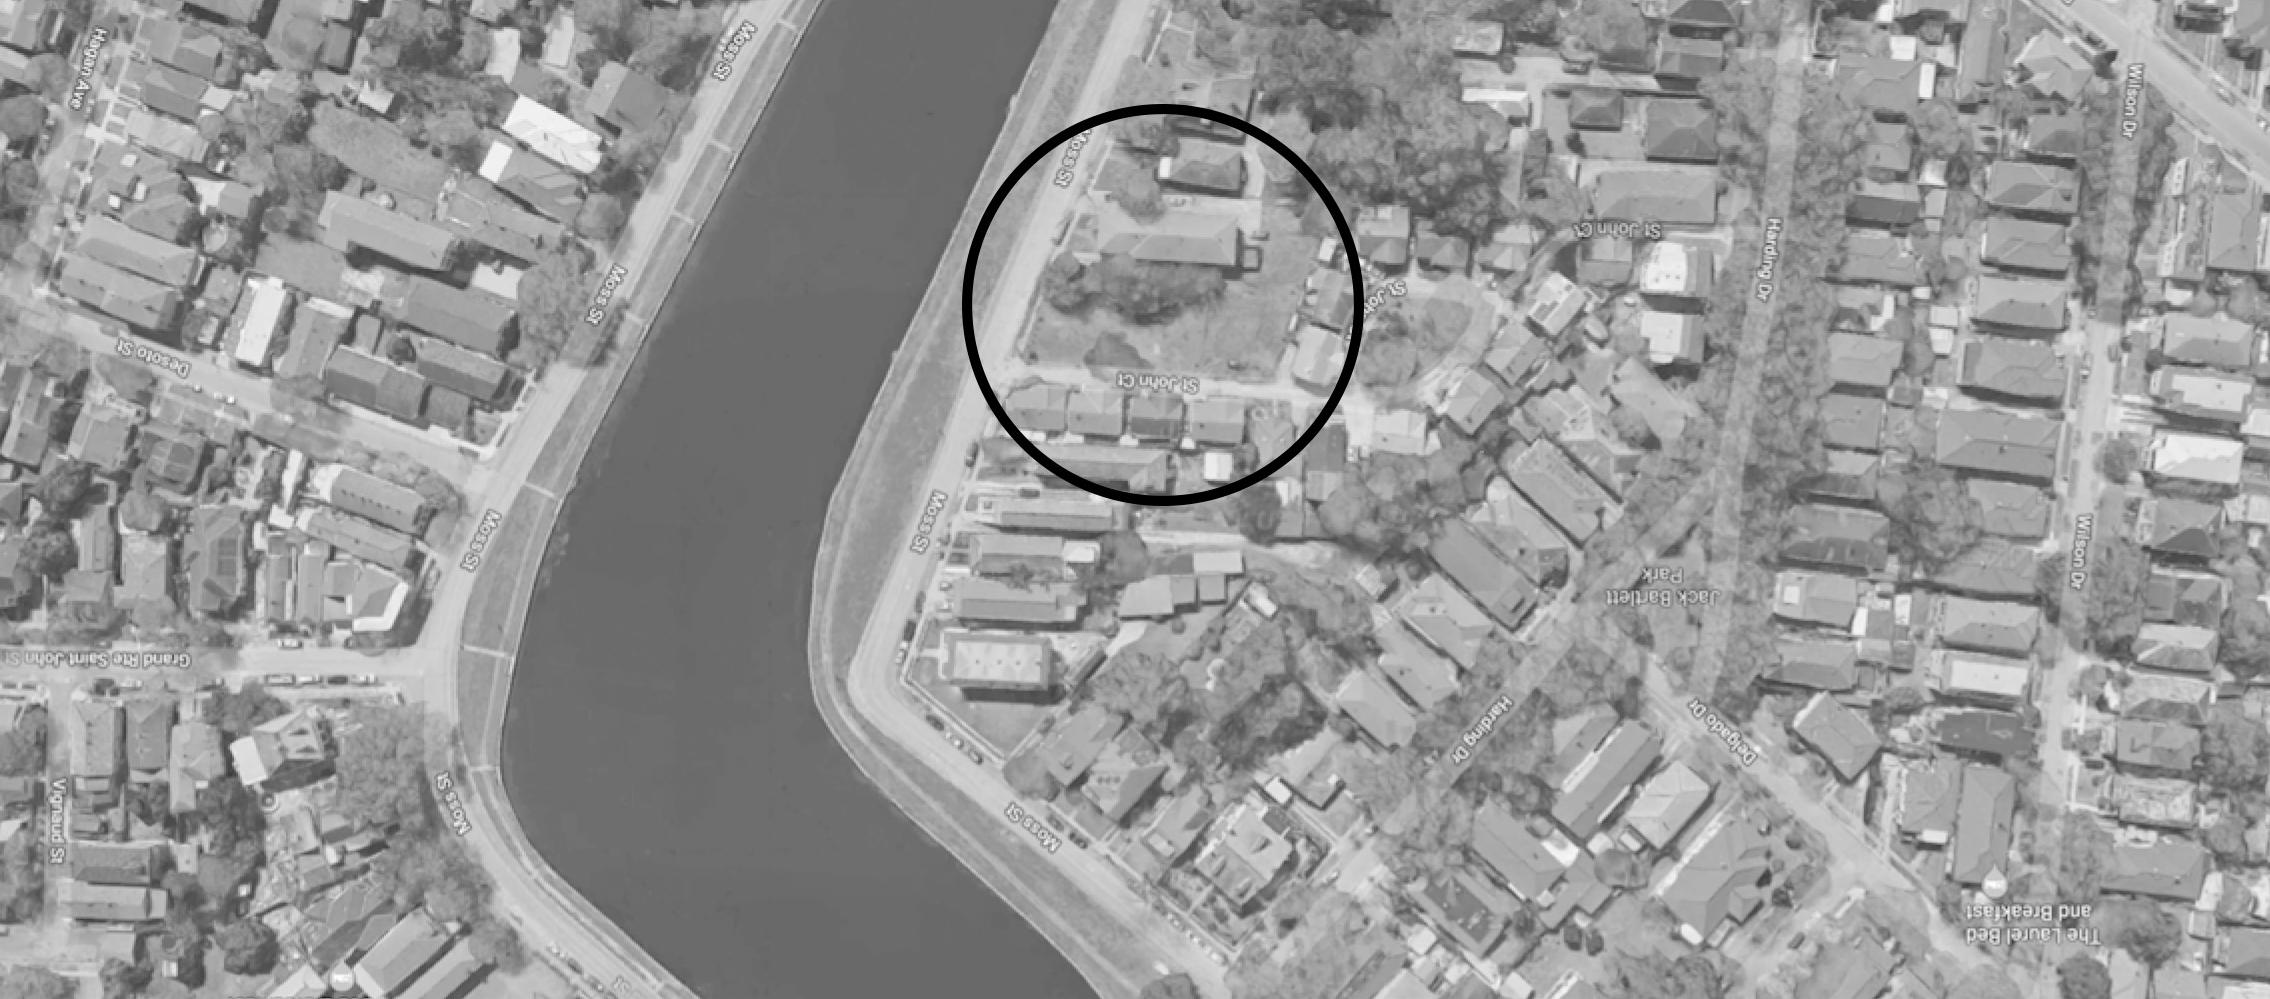 Moss St - Google Maps.jpg